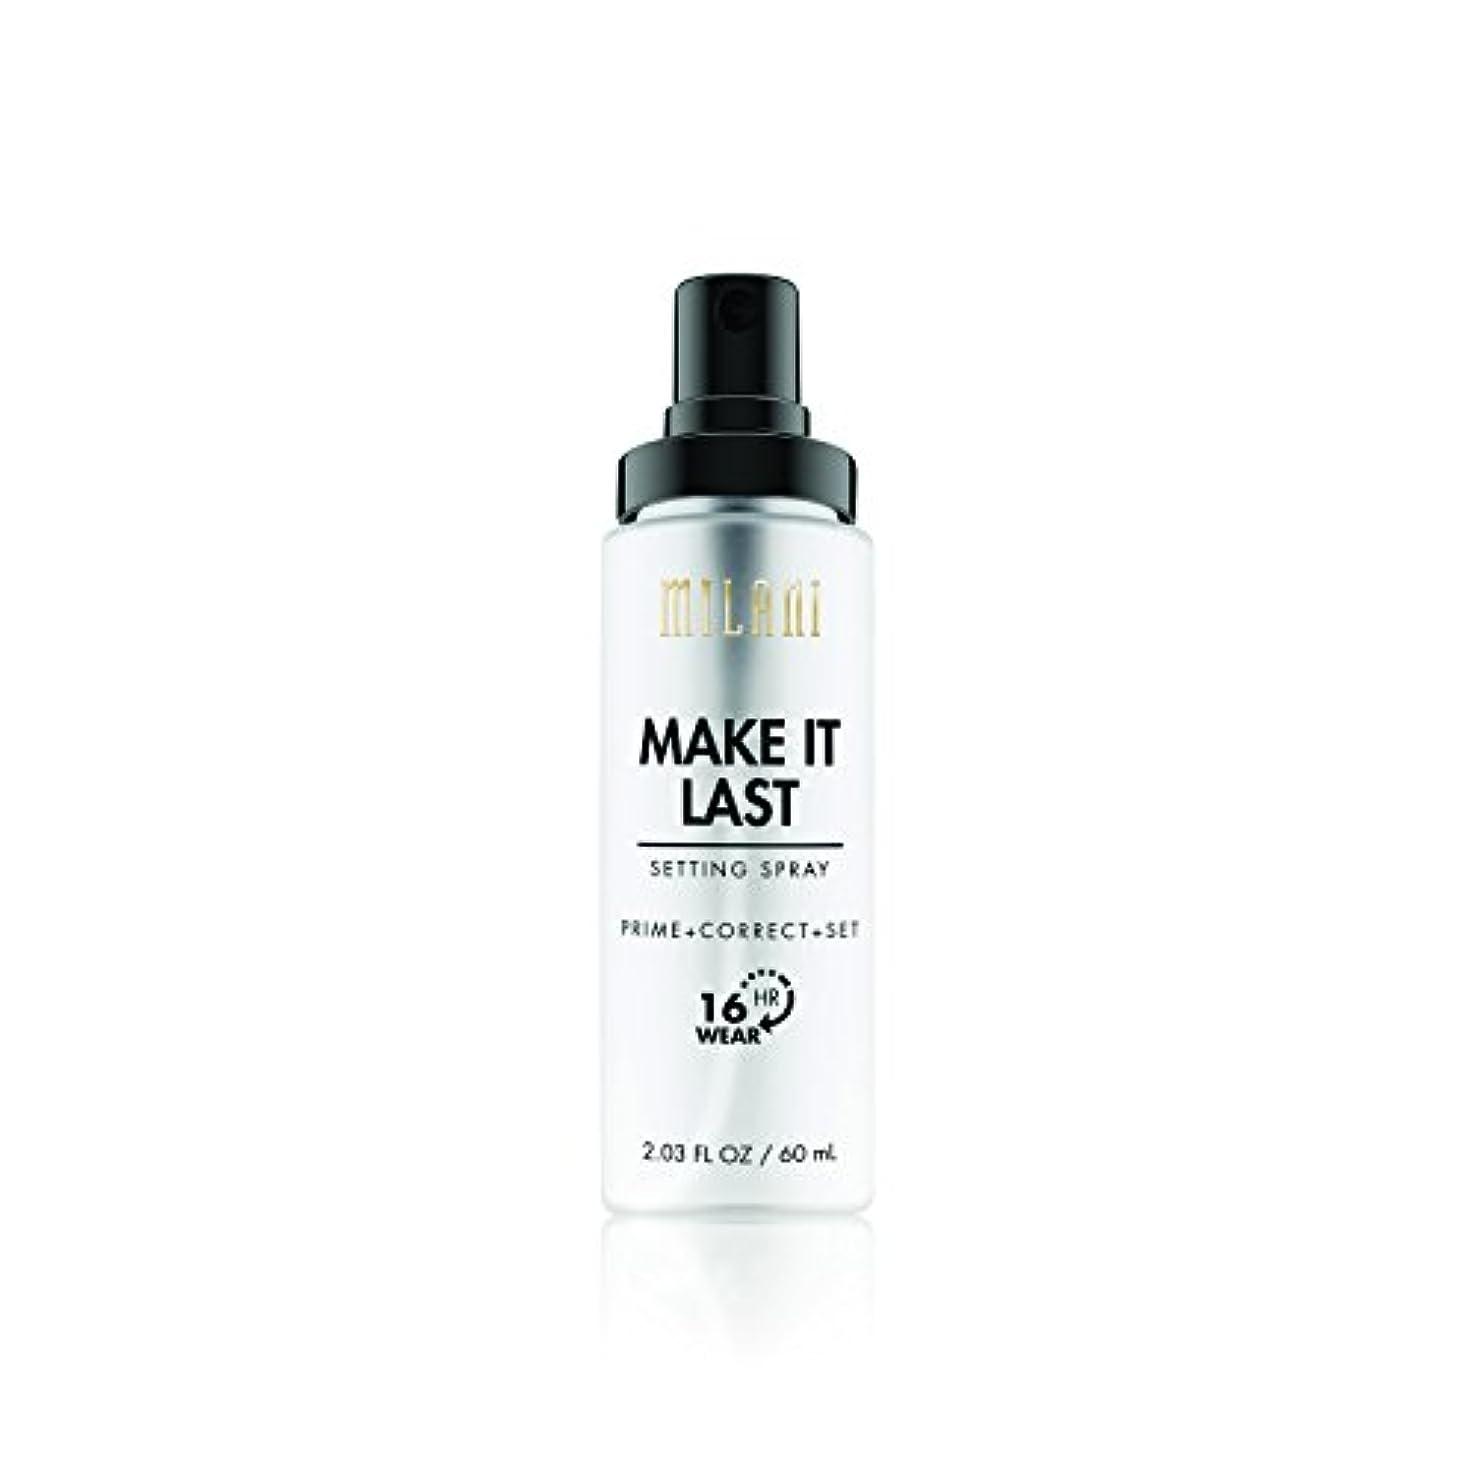 オール電気技師ブランデーMILANI Make It Last Setting Spray - Prime + Correct + Set (並行輸入品)